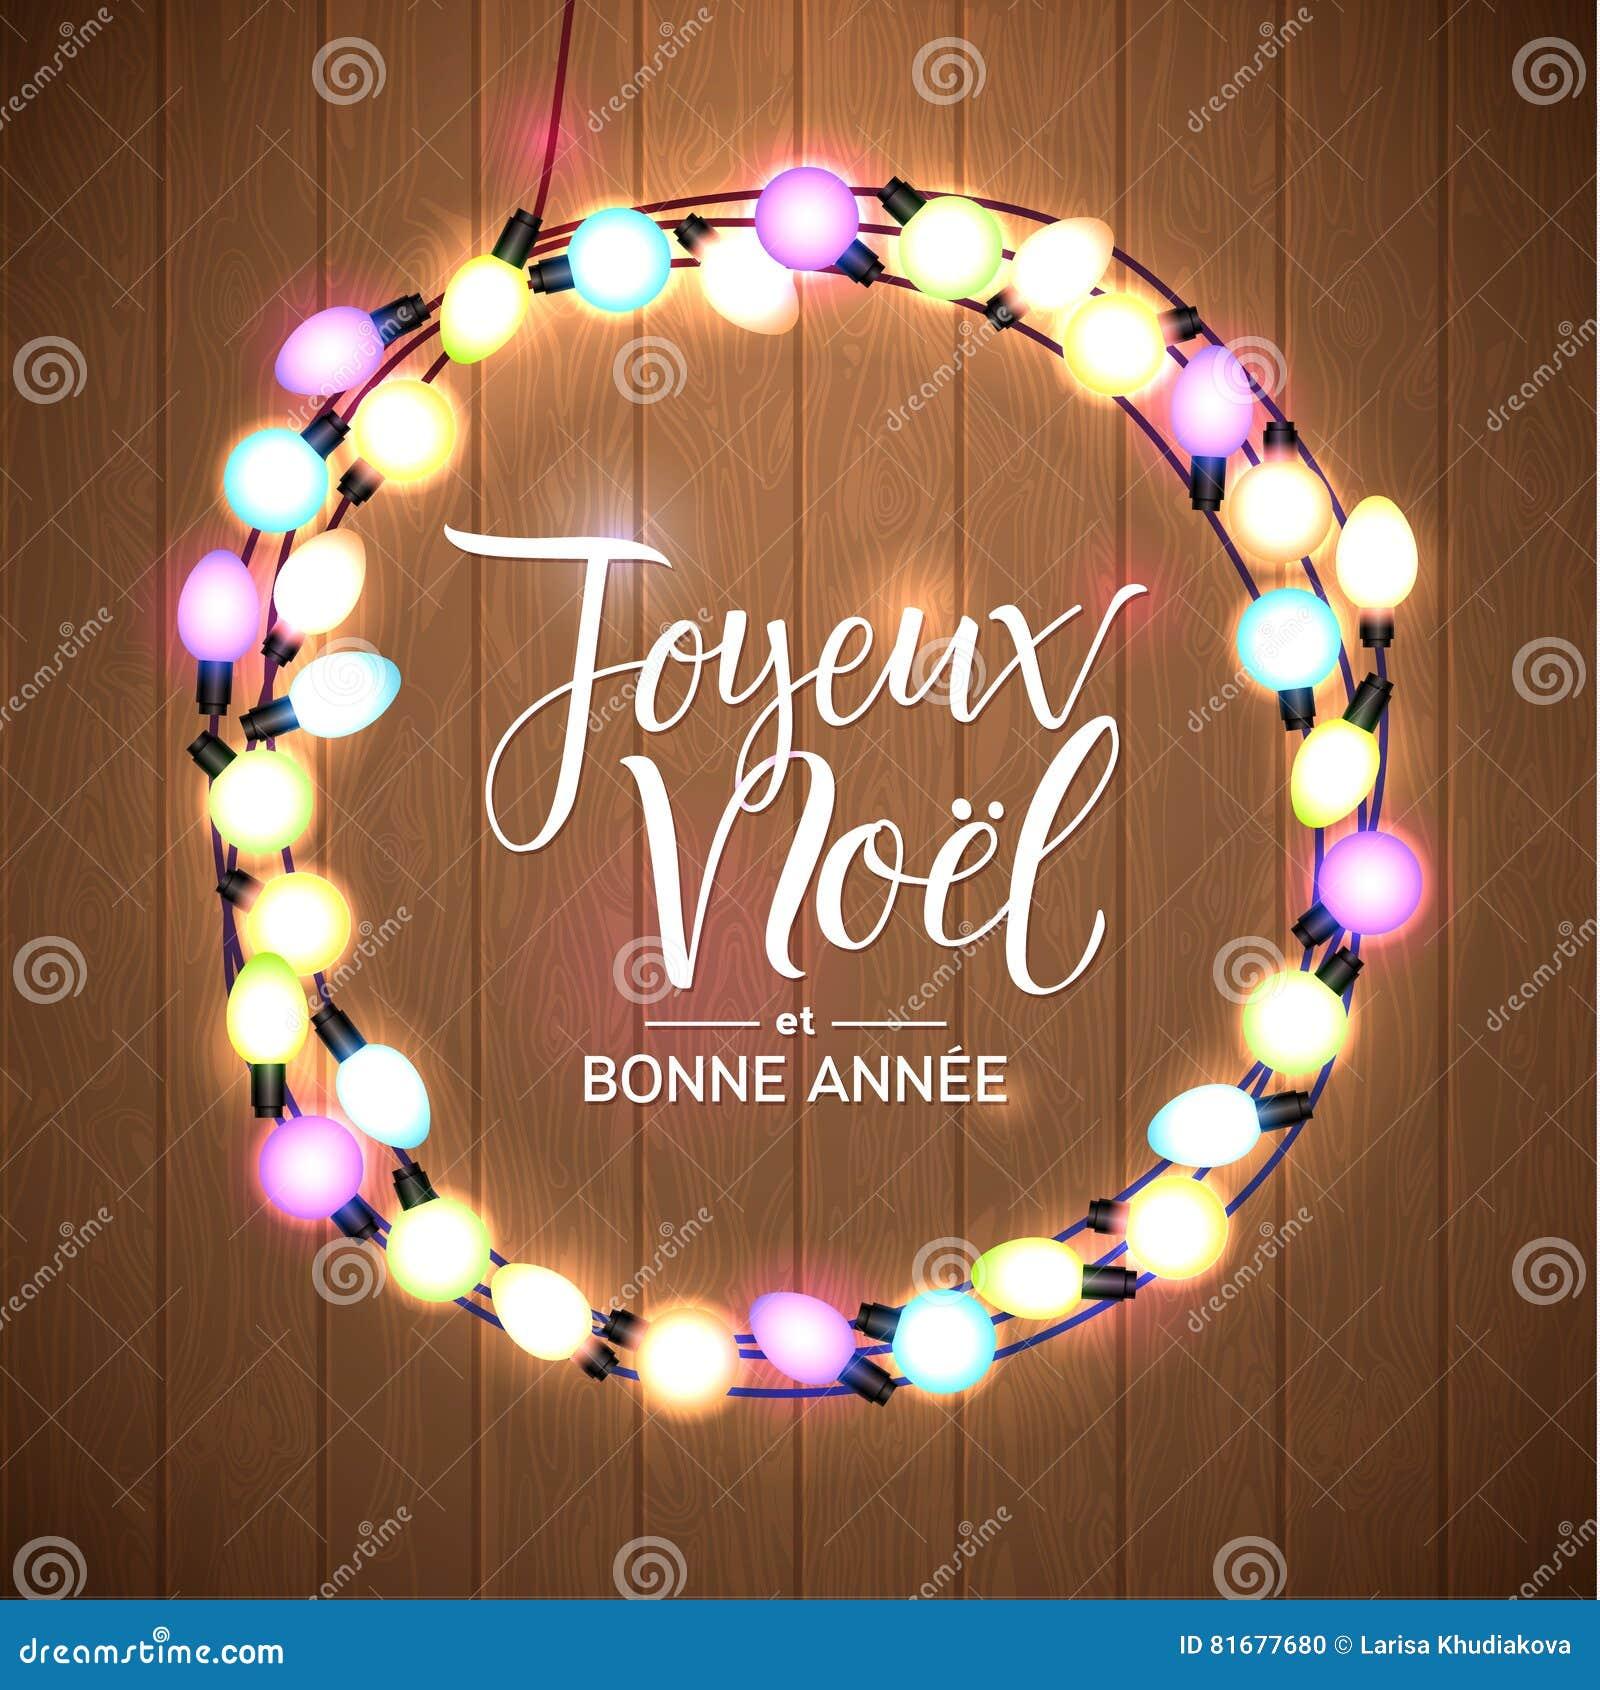 Wesoło boże narodzenia i Szczęśliwy nowy rok francuski język Rozjarzony bożonarodzeniowe światła wianek dla Xmas kartka z pozdrow